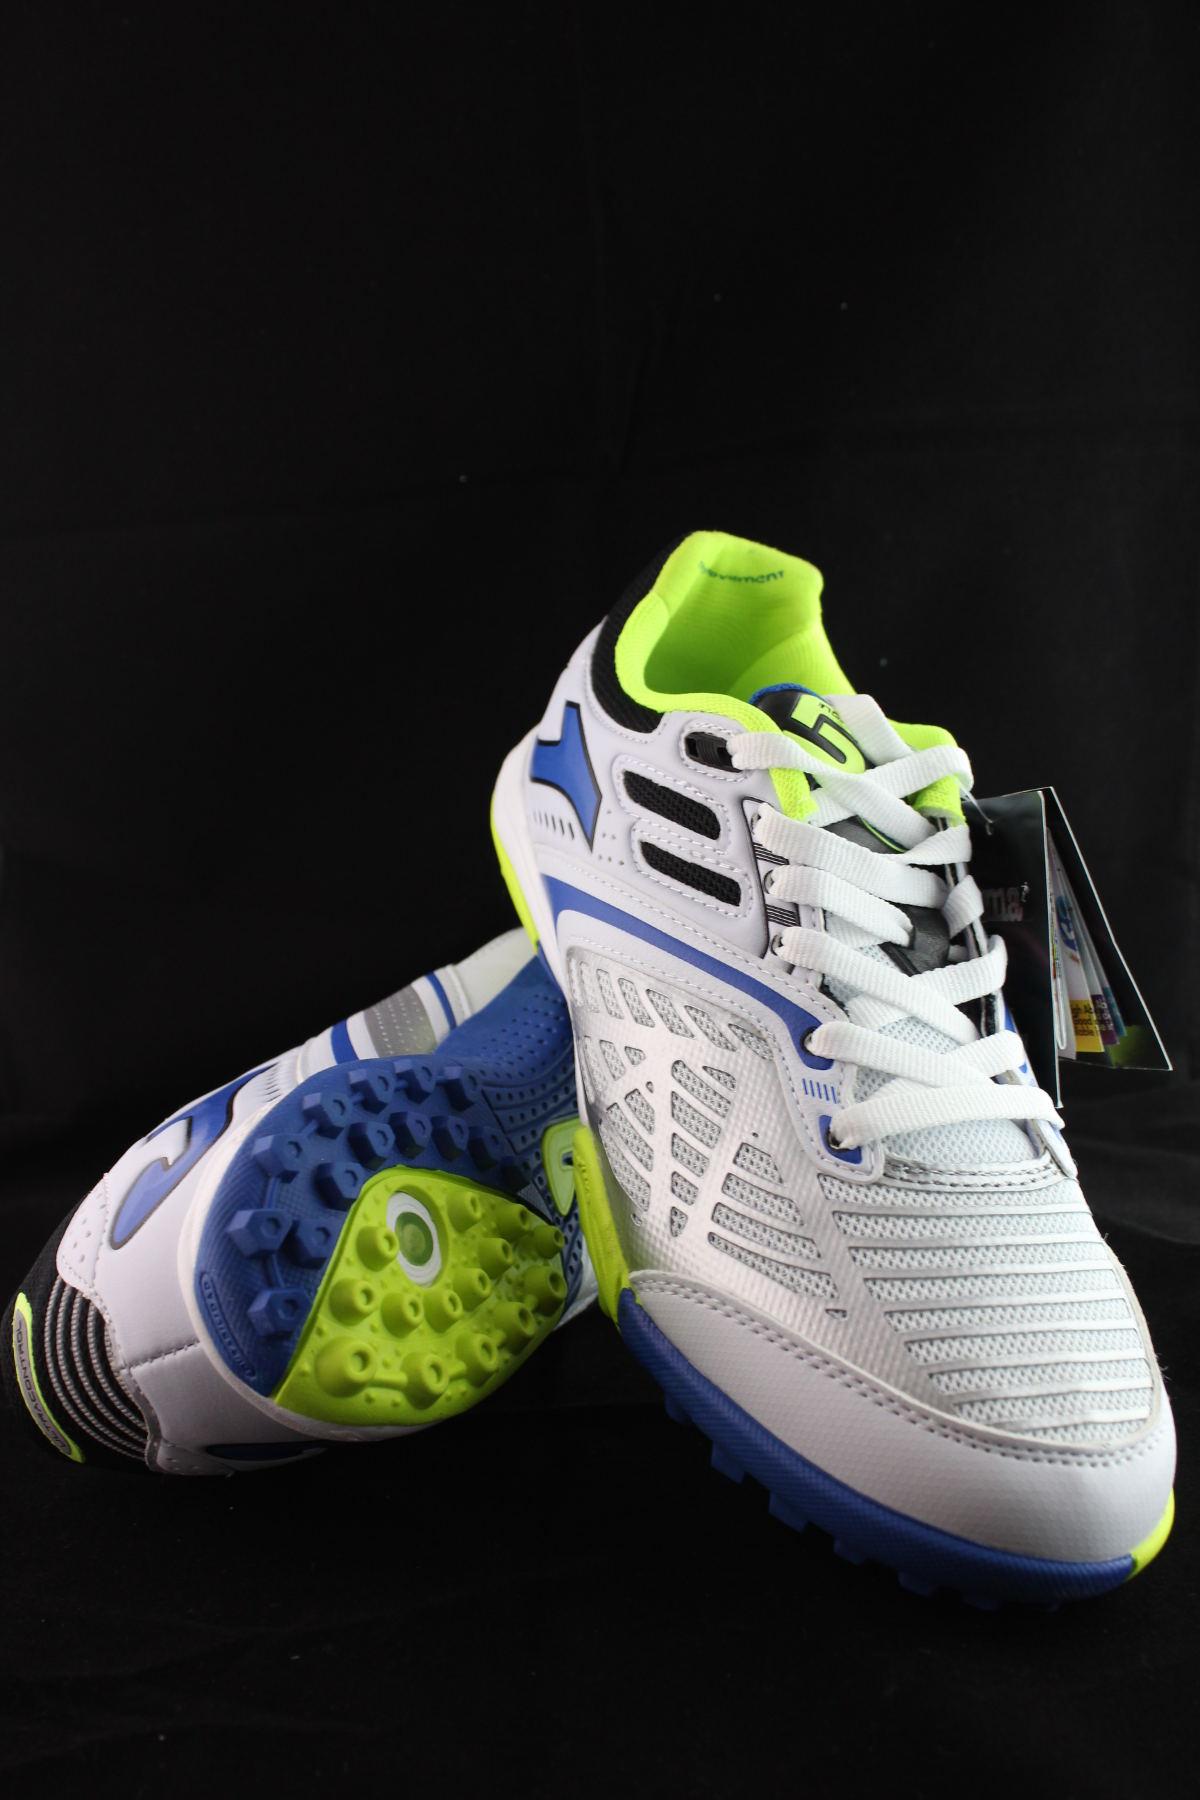 Football shoes Joma Scarpe calcetto calcio Lozano 502 Turf Bianco Uomo